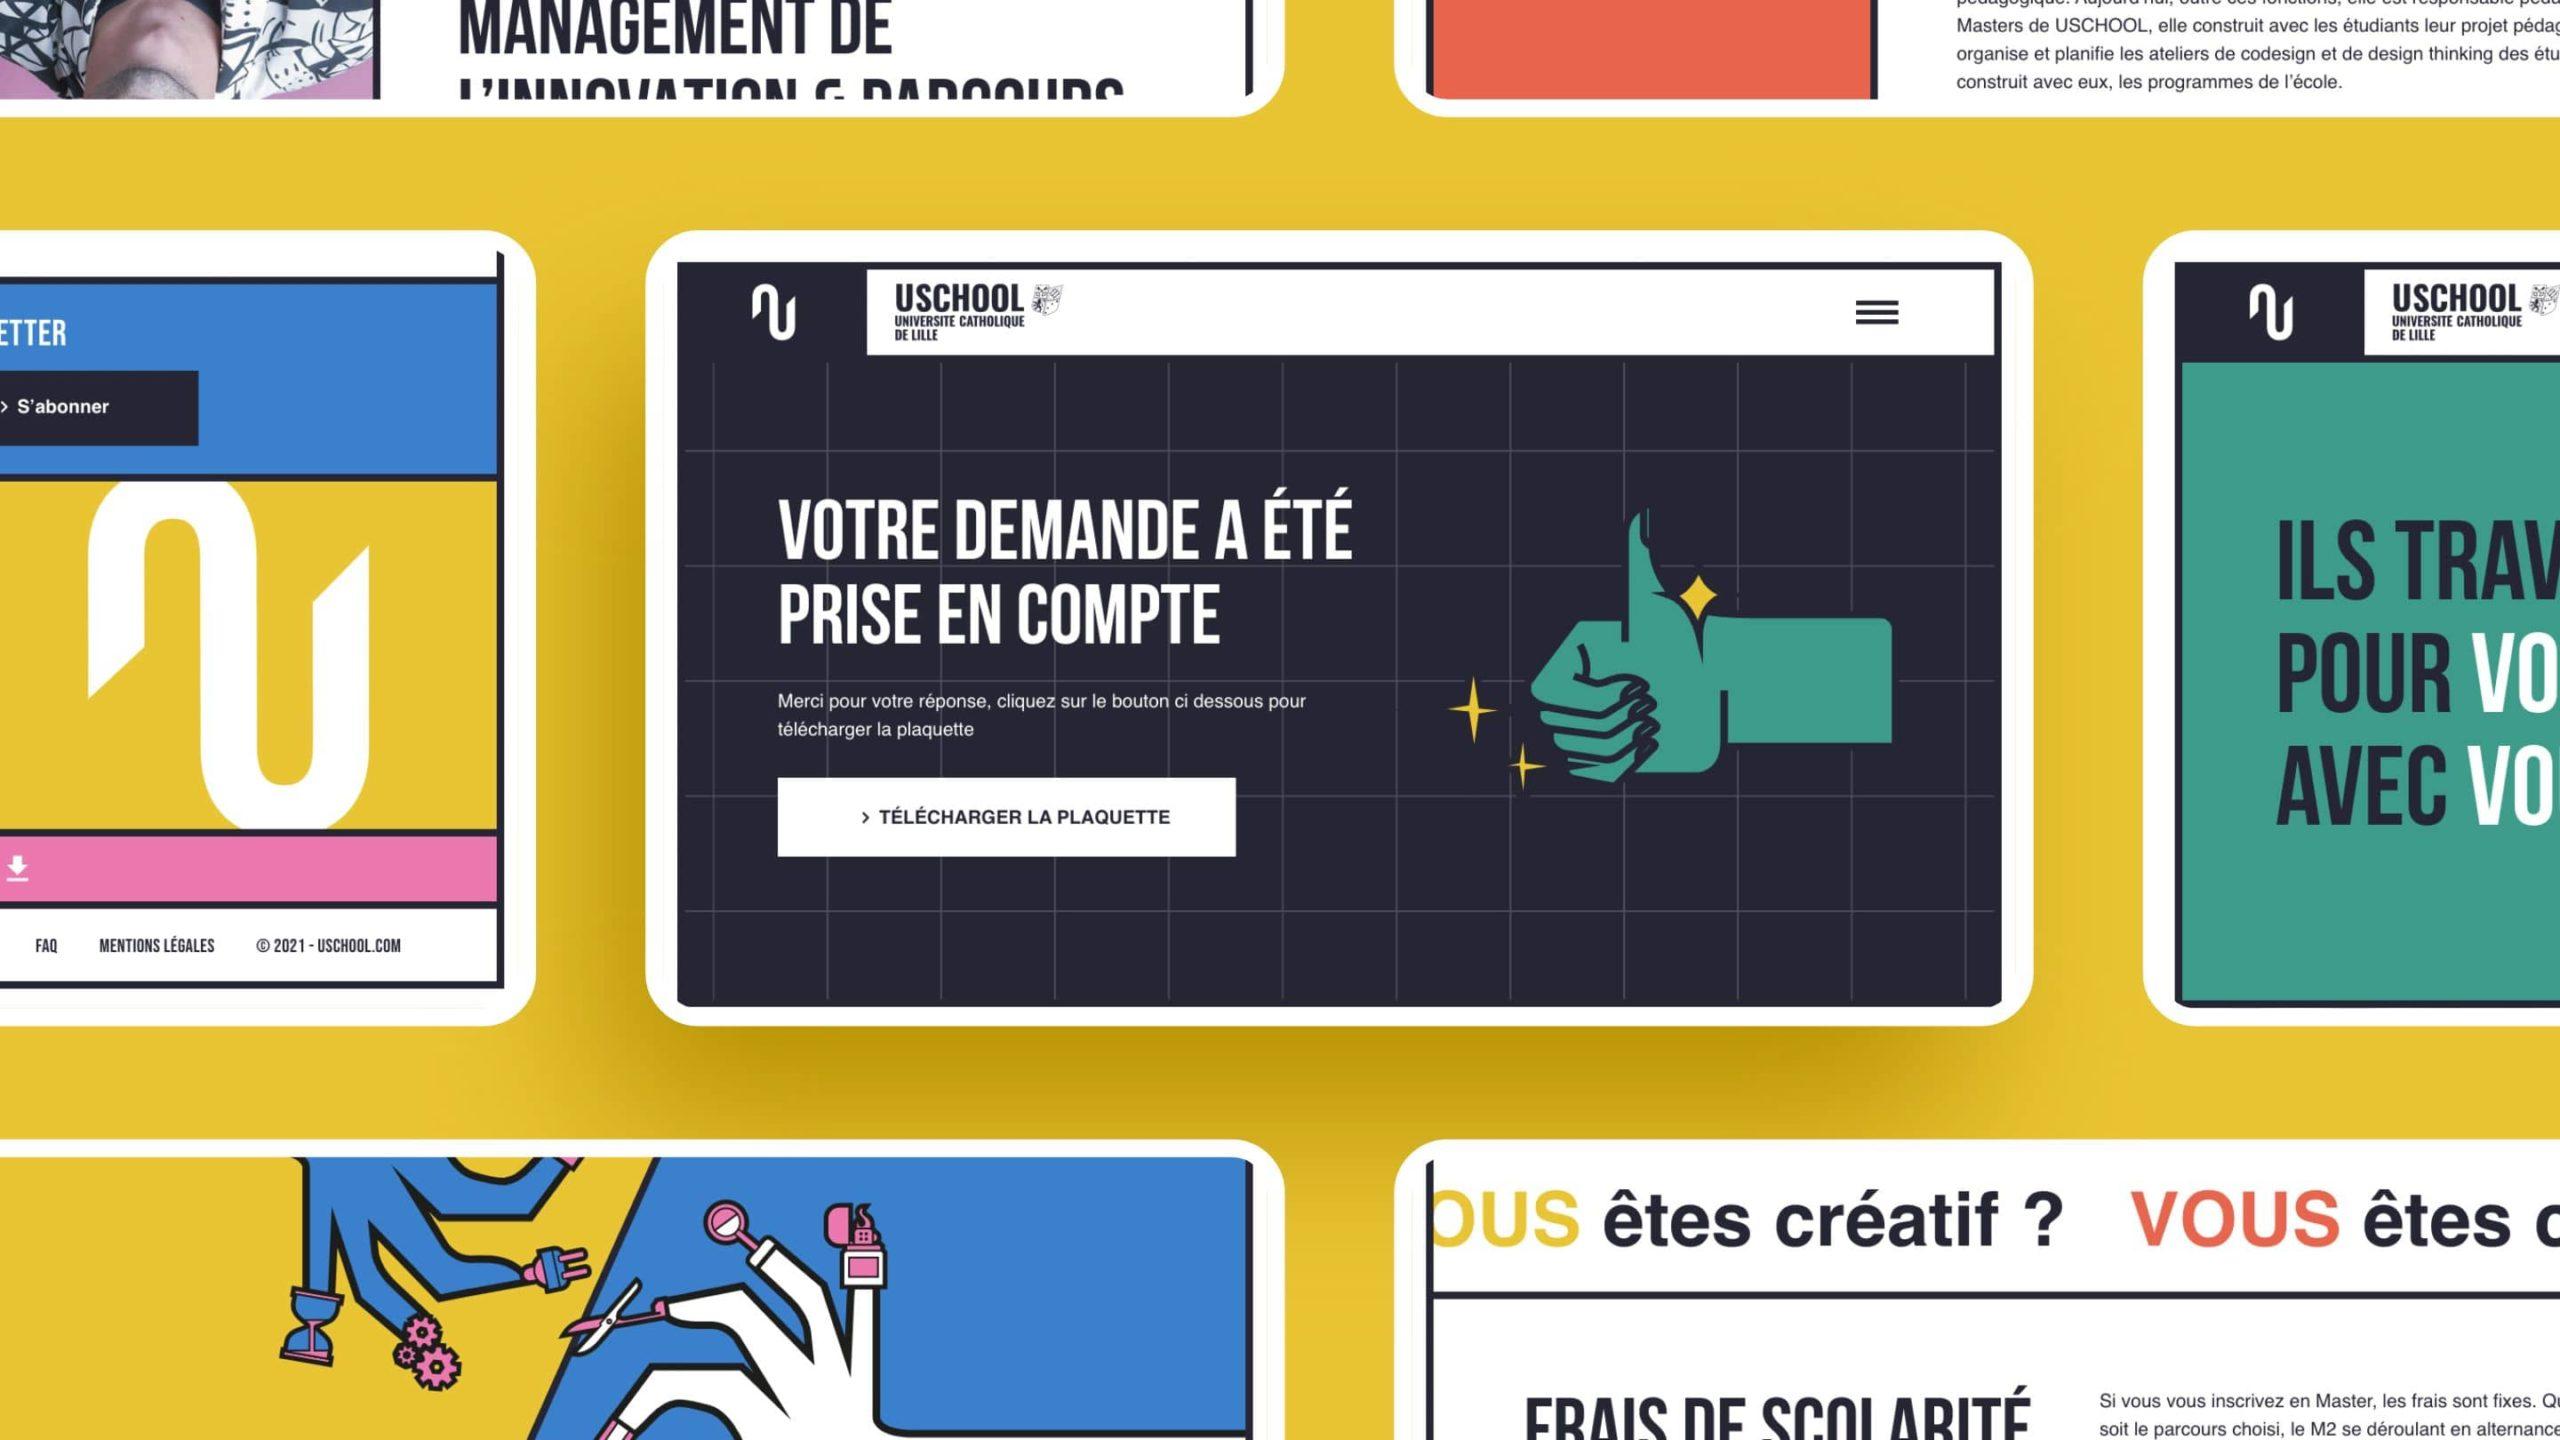 web design style brutalisme agence konfiture